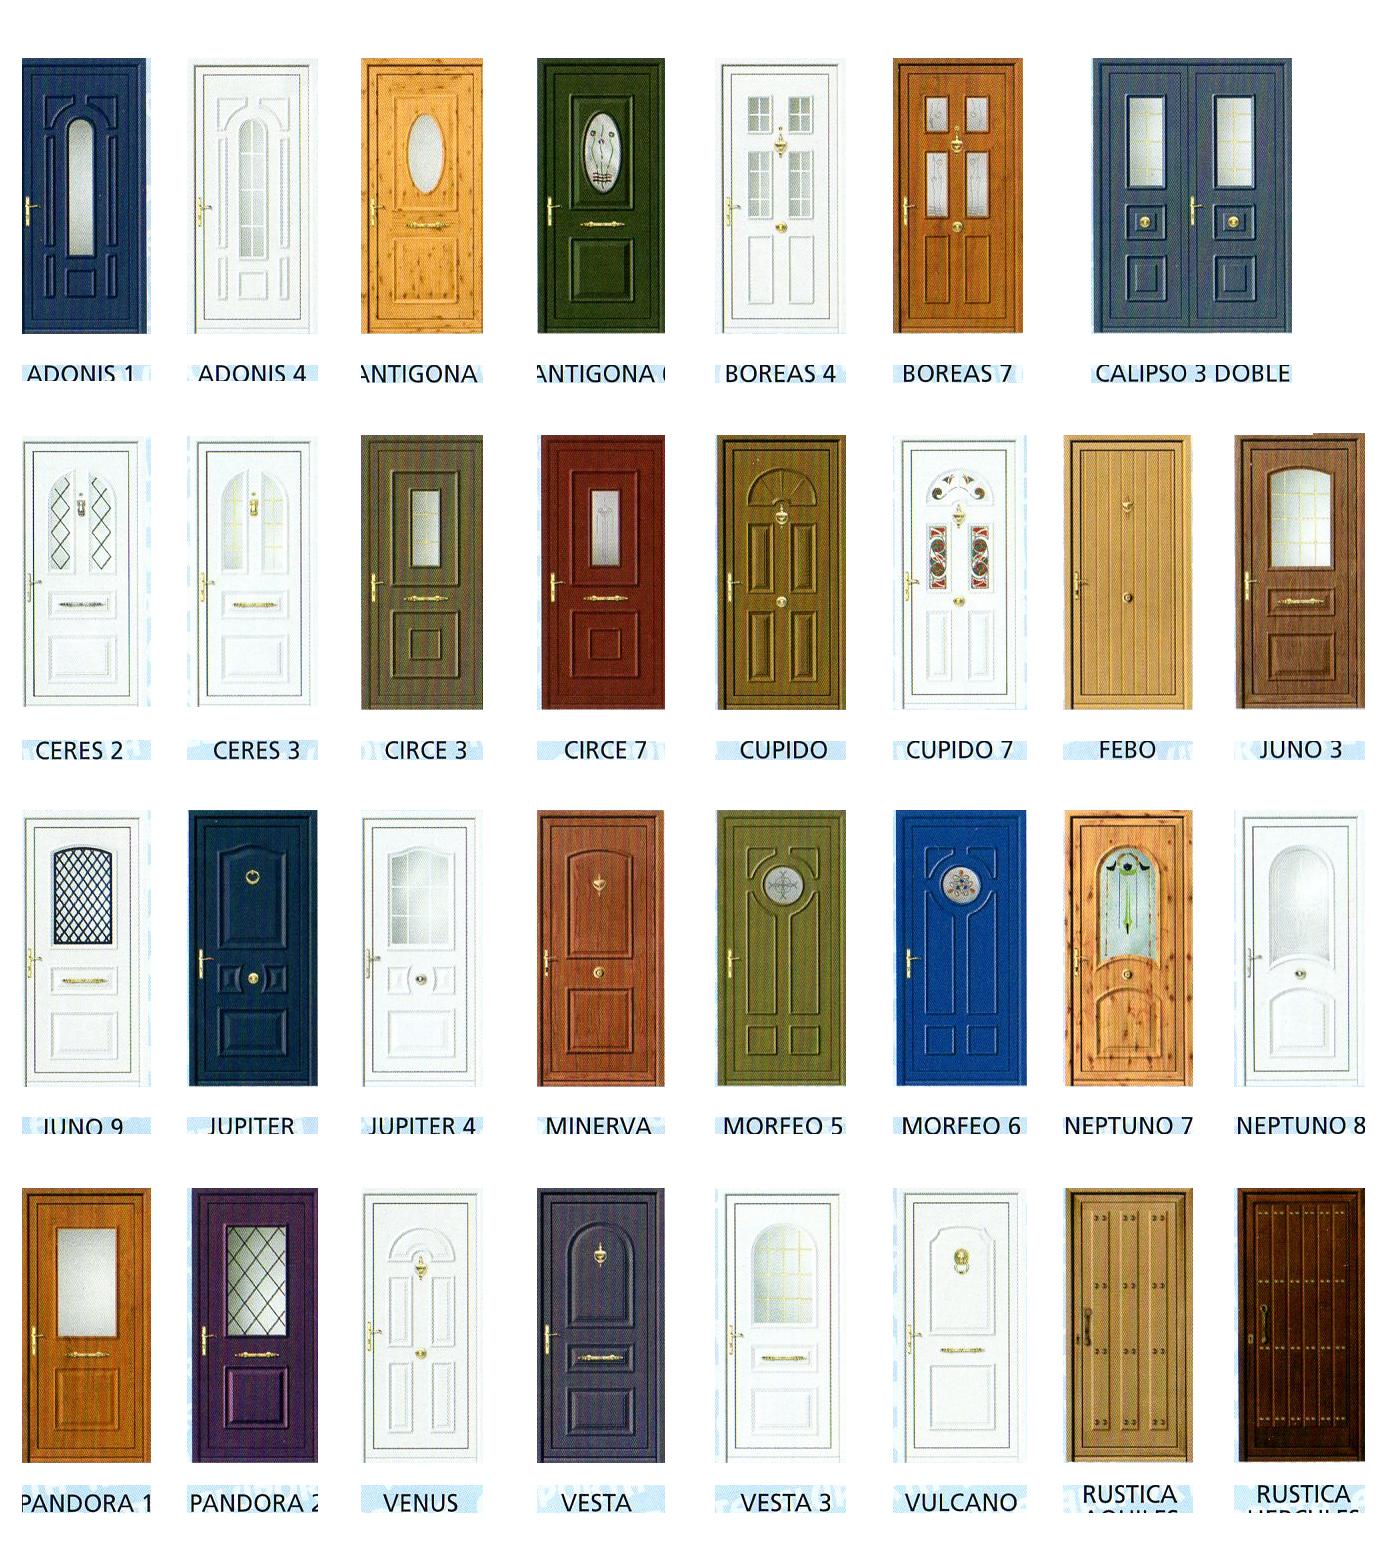 Puertas de aluminio y cerramientos catalogo puertas de - Modelos de puertas de aluminio para exterior ...